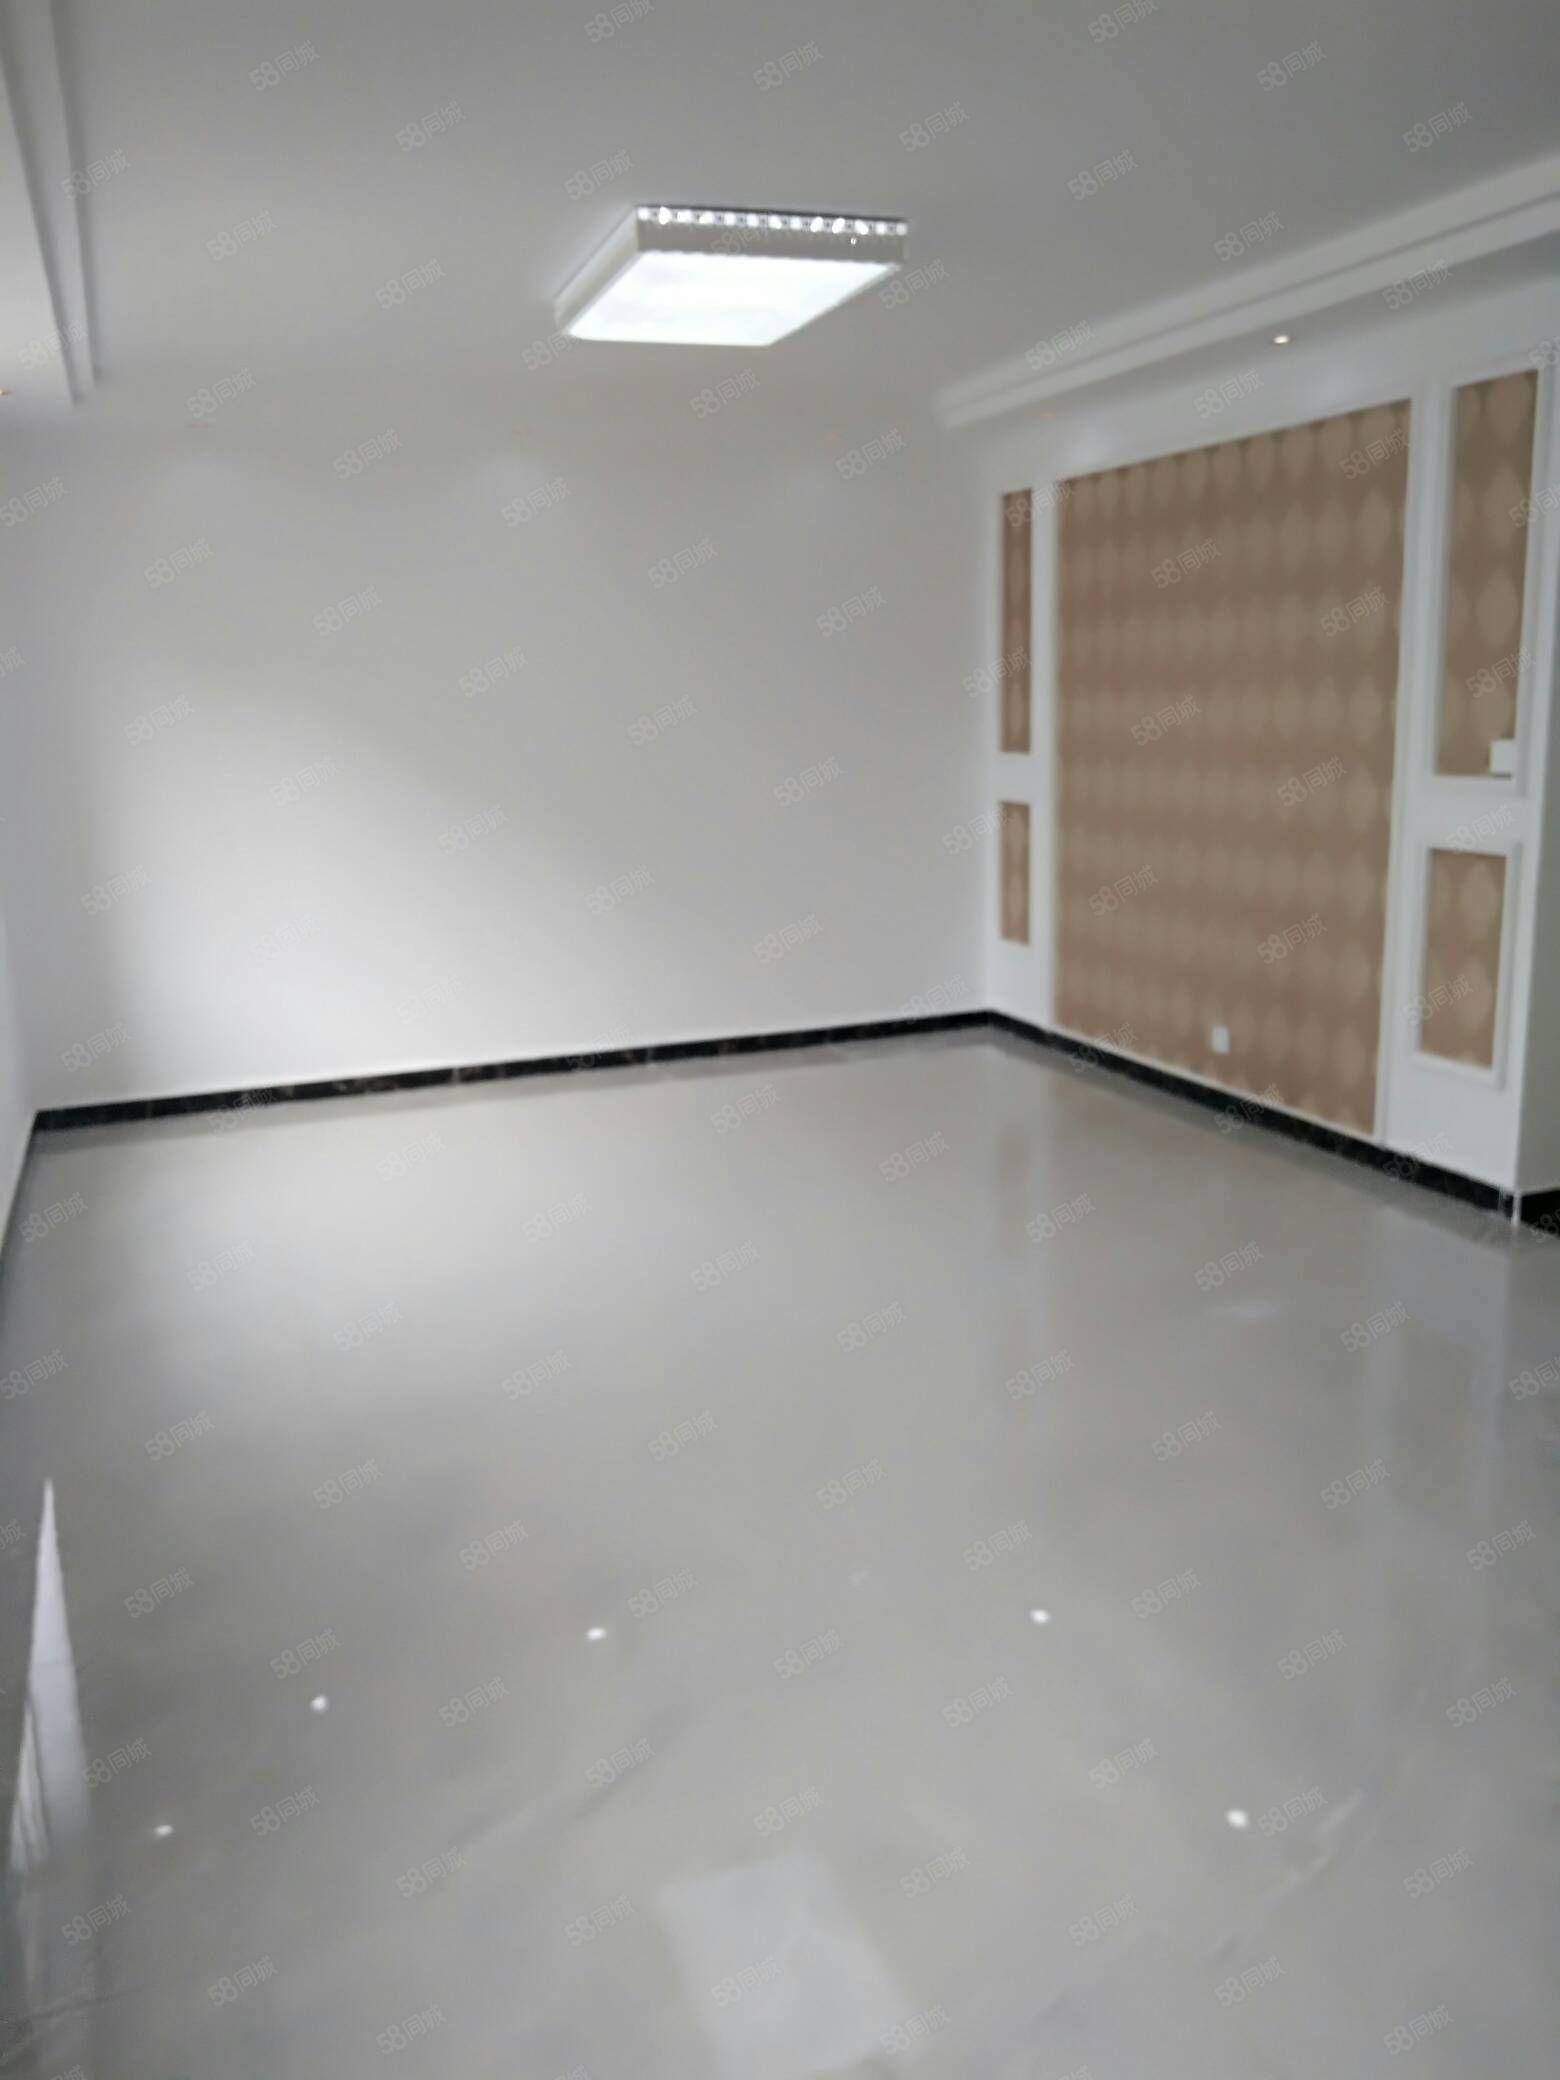 和谐康城A区多层4楼,三室两厅一卫,新装修未住,新政支持贷款